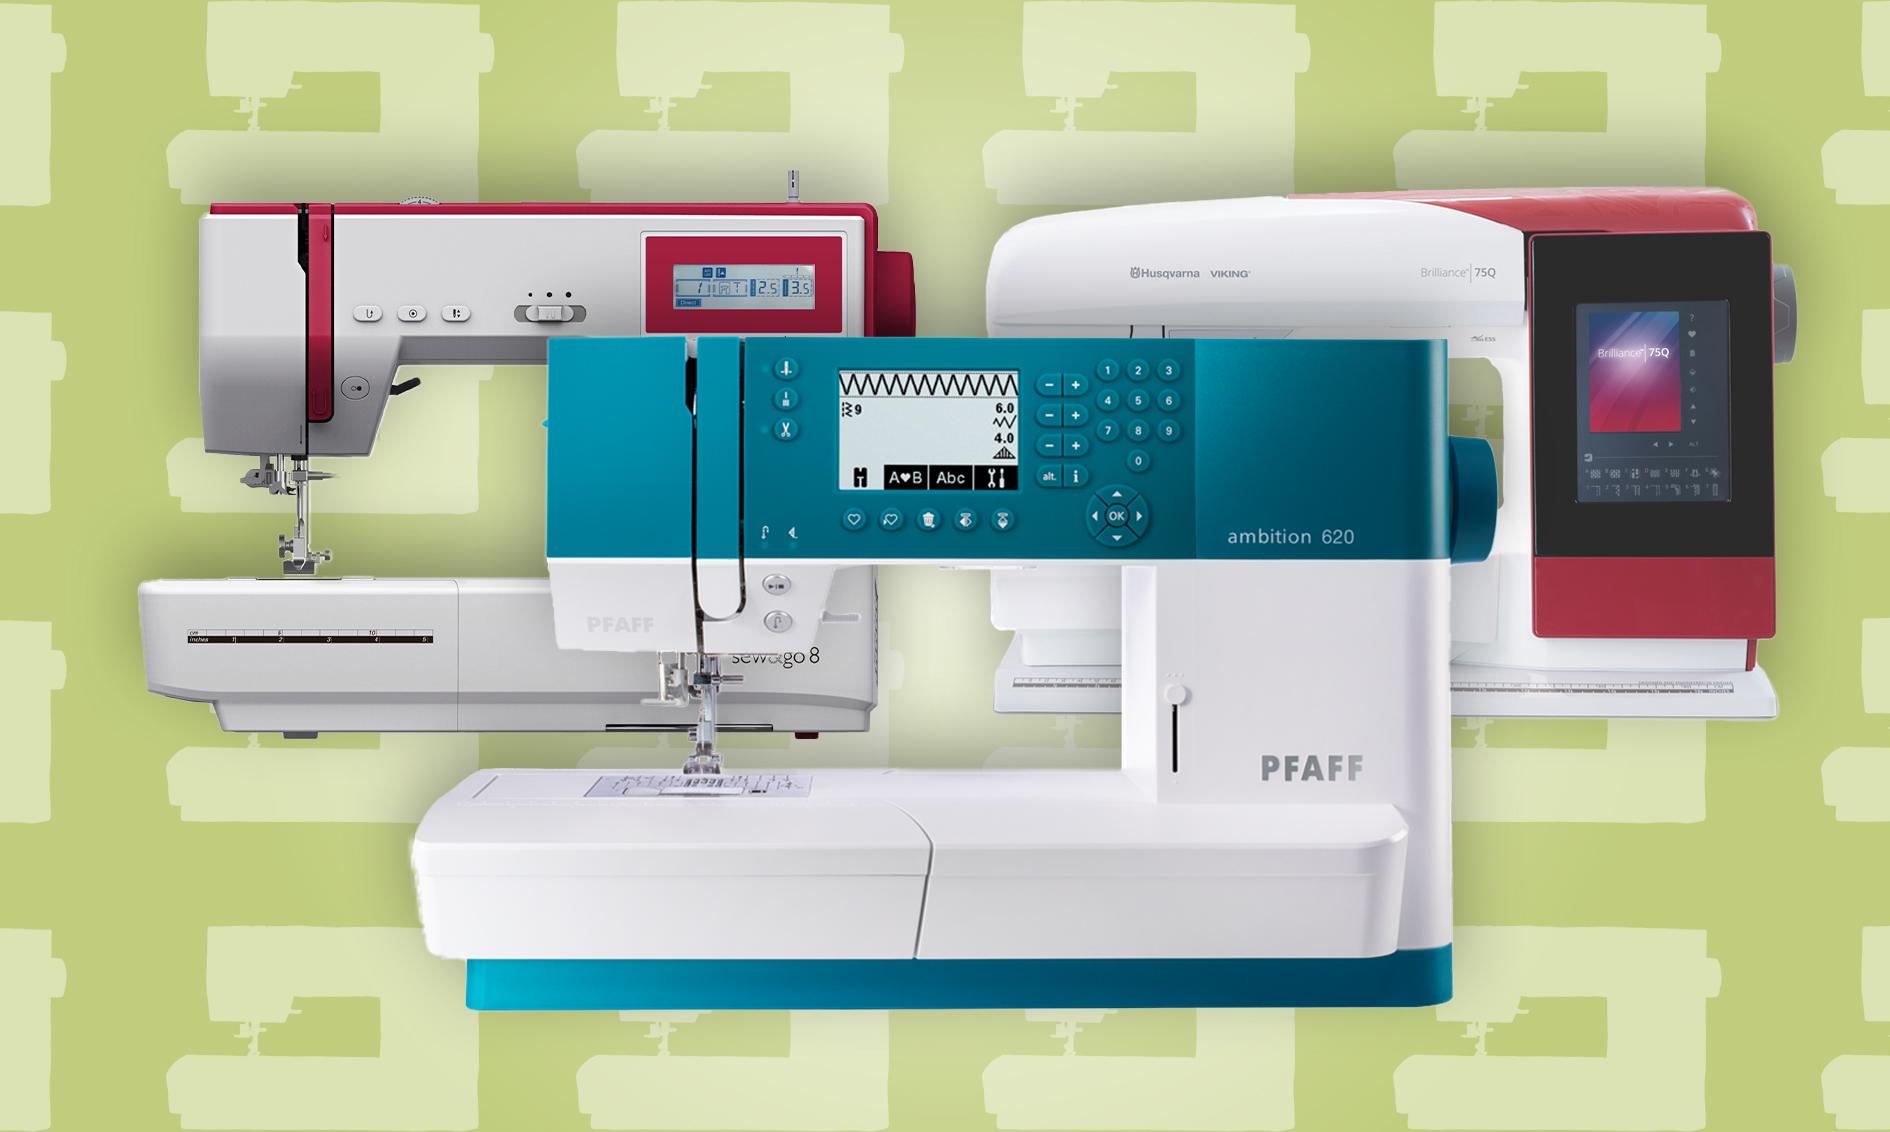 Disse symaskinene kan sy bokstaver